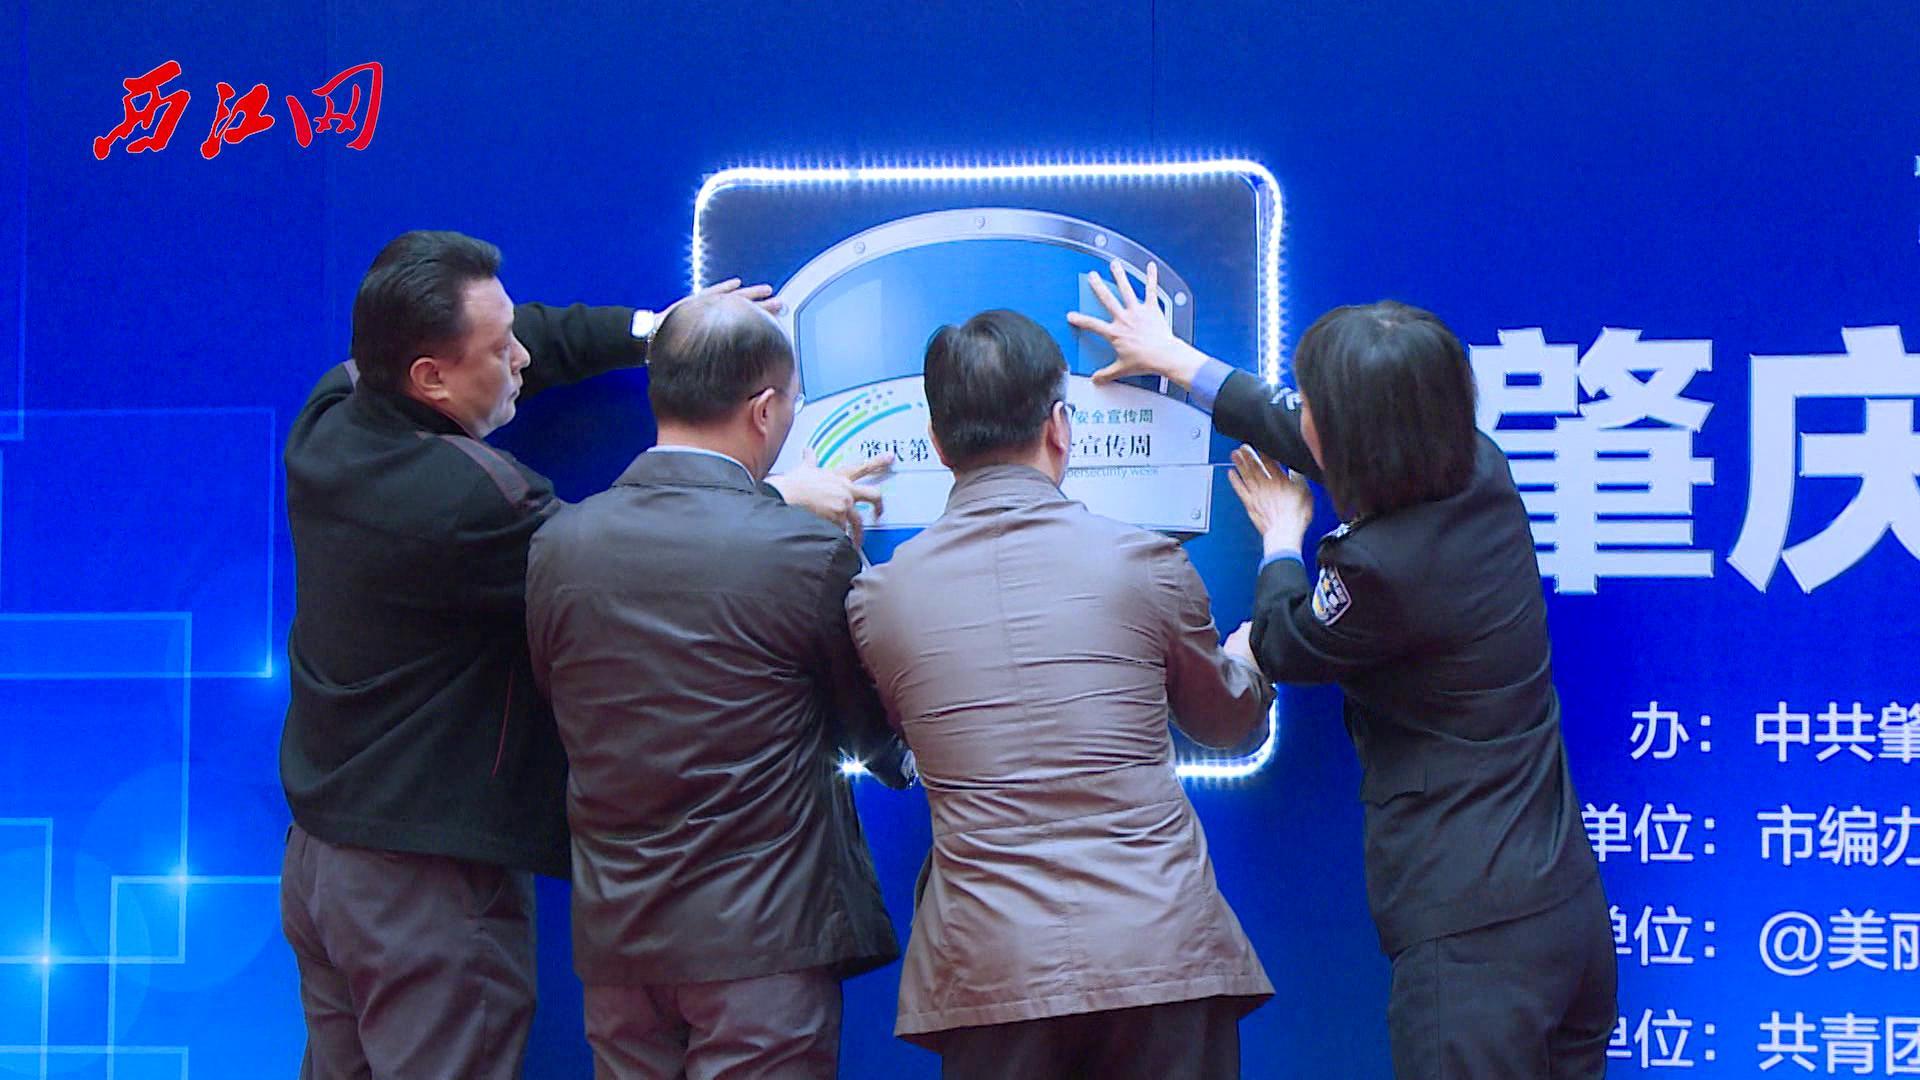 市第二届网络安全宣传周活动  增强全民网络安全意识与技能